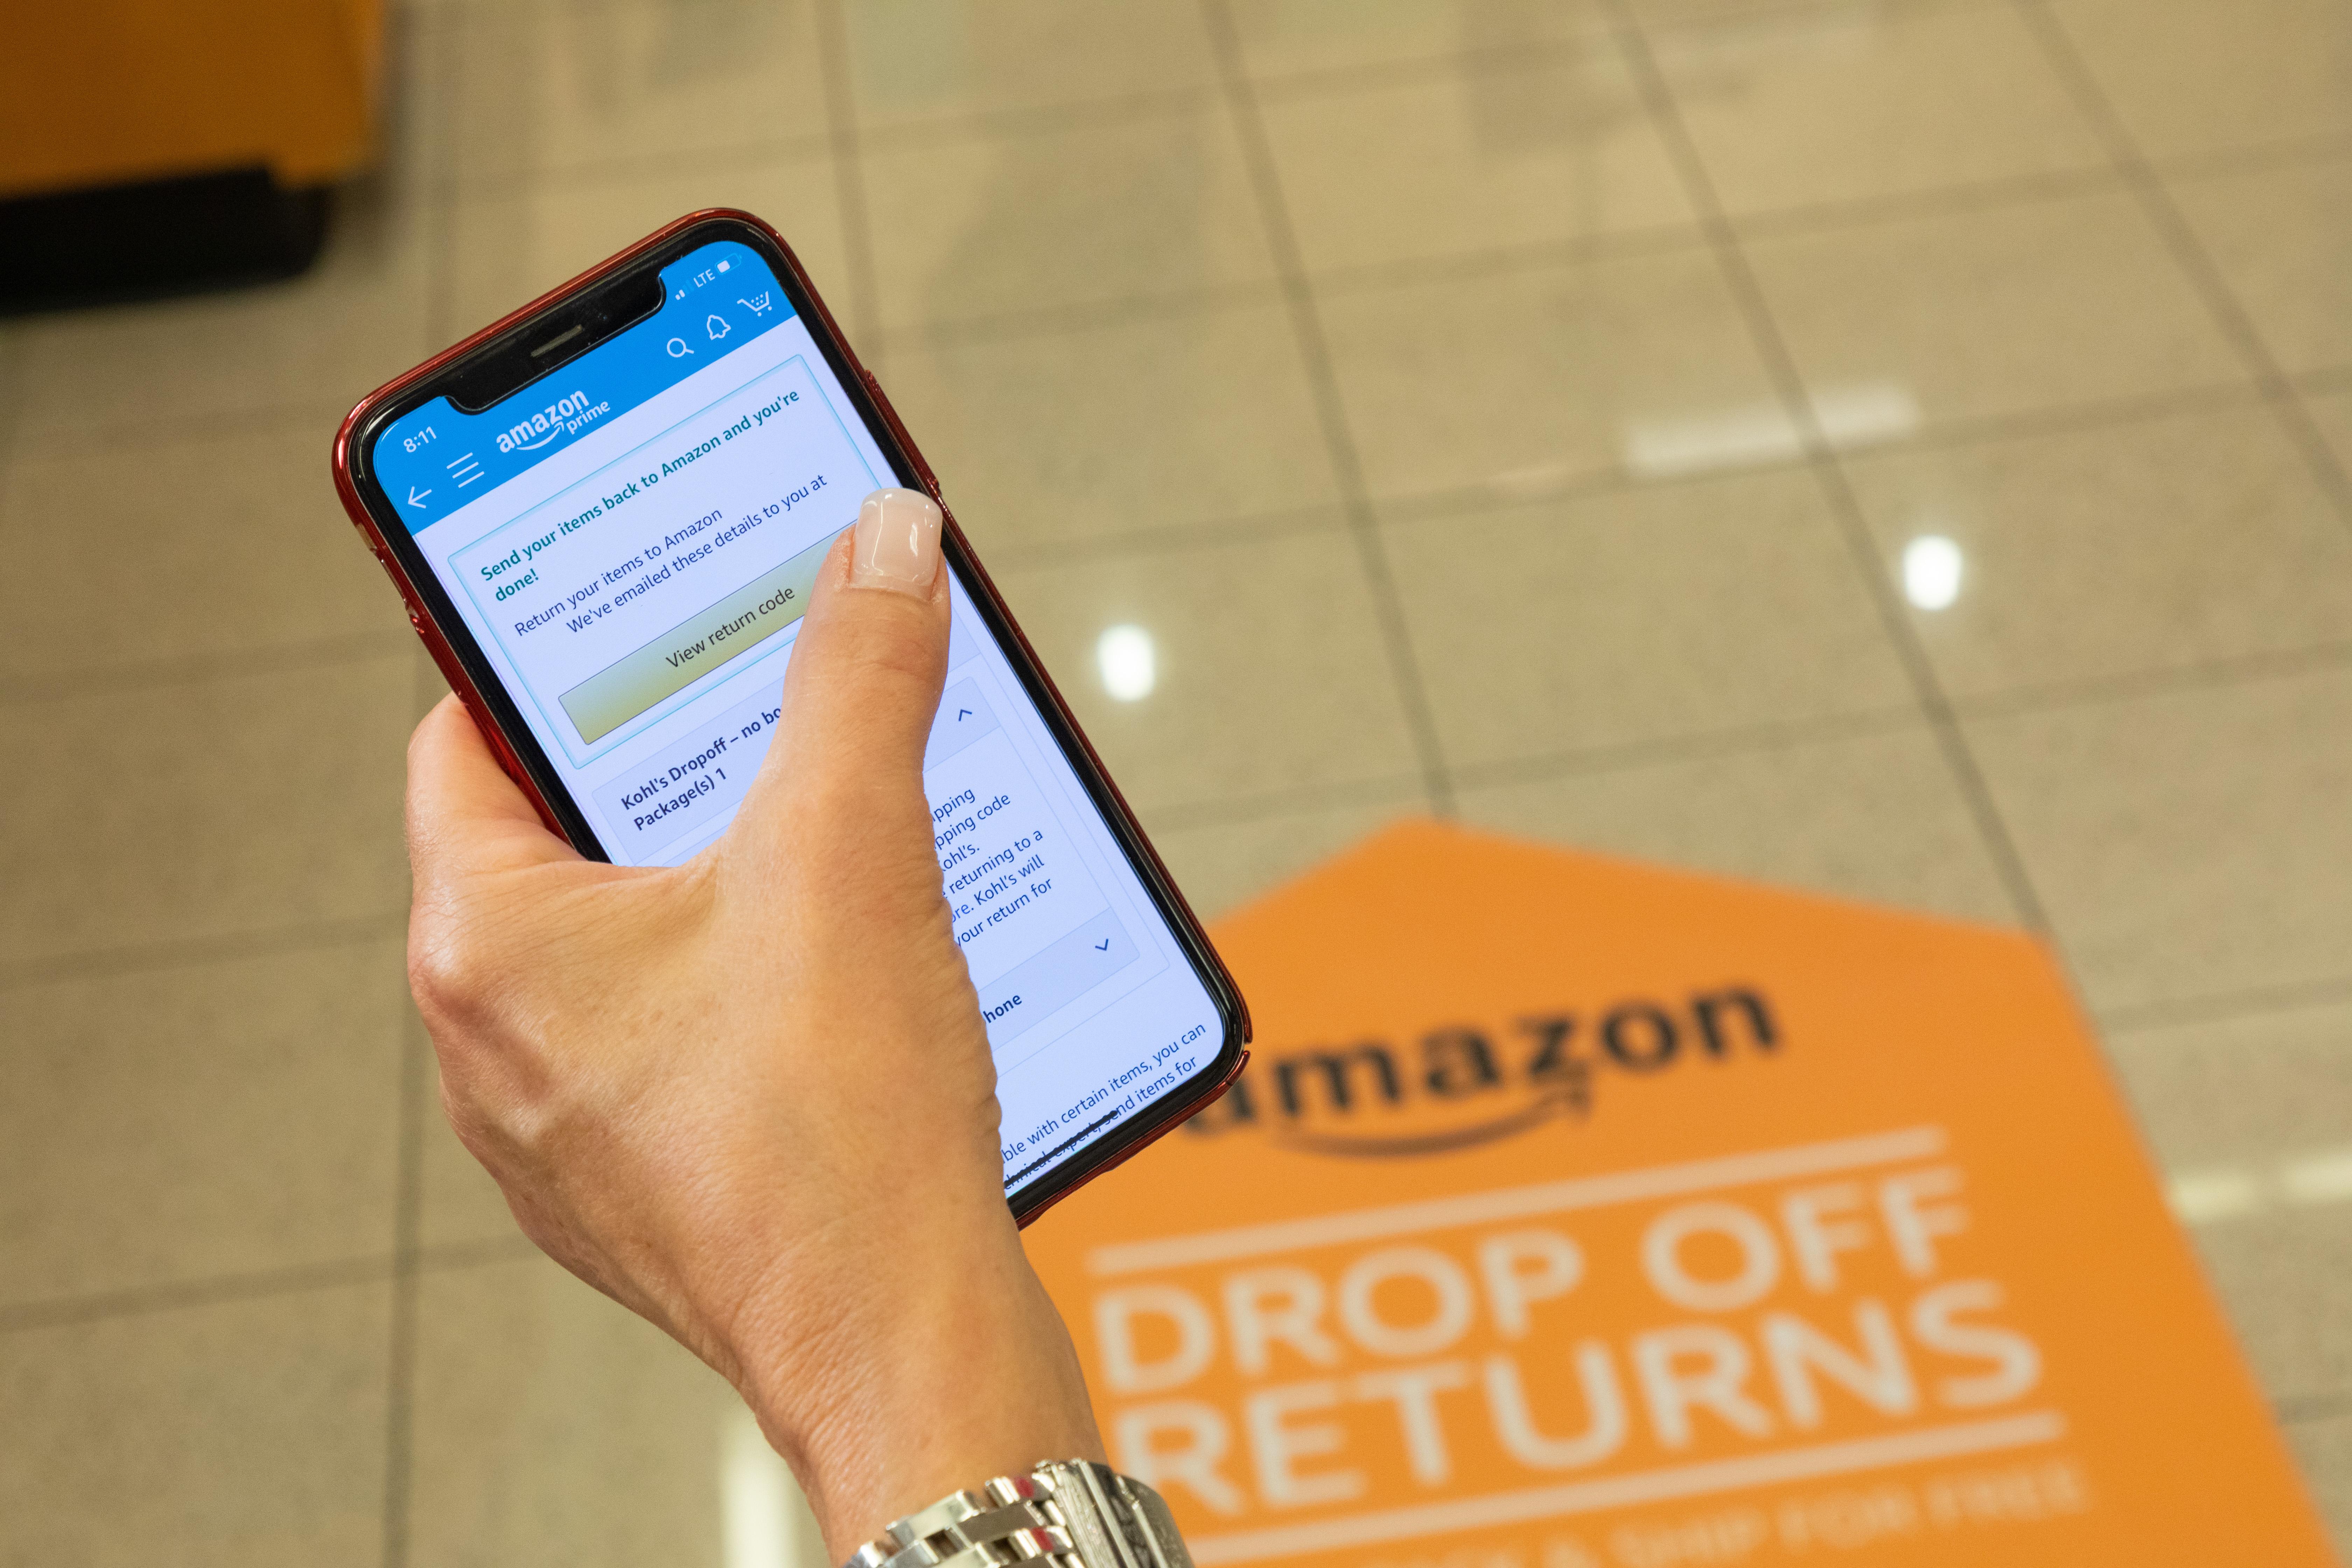 Amazon Kohl's Returns